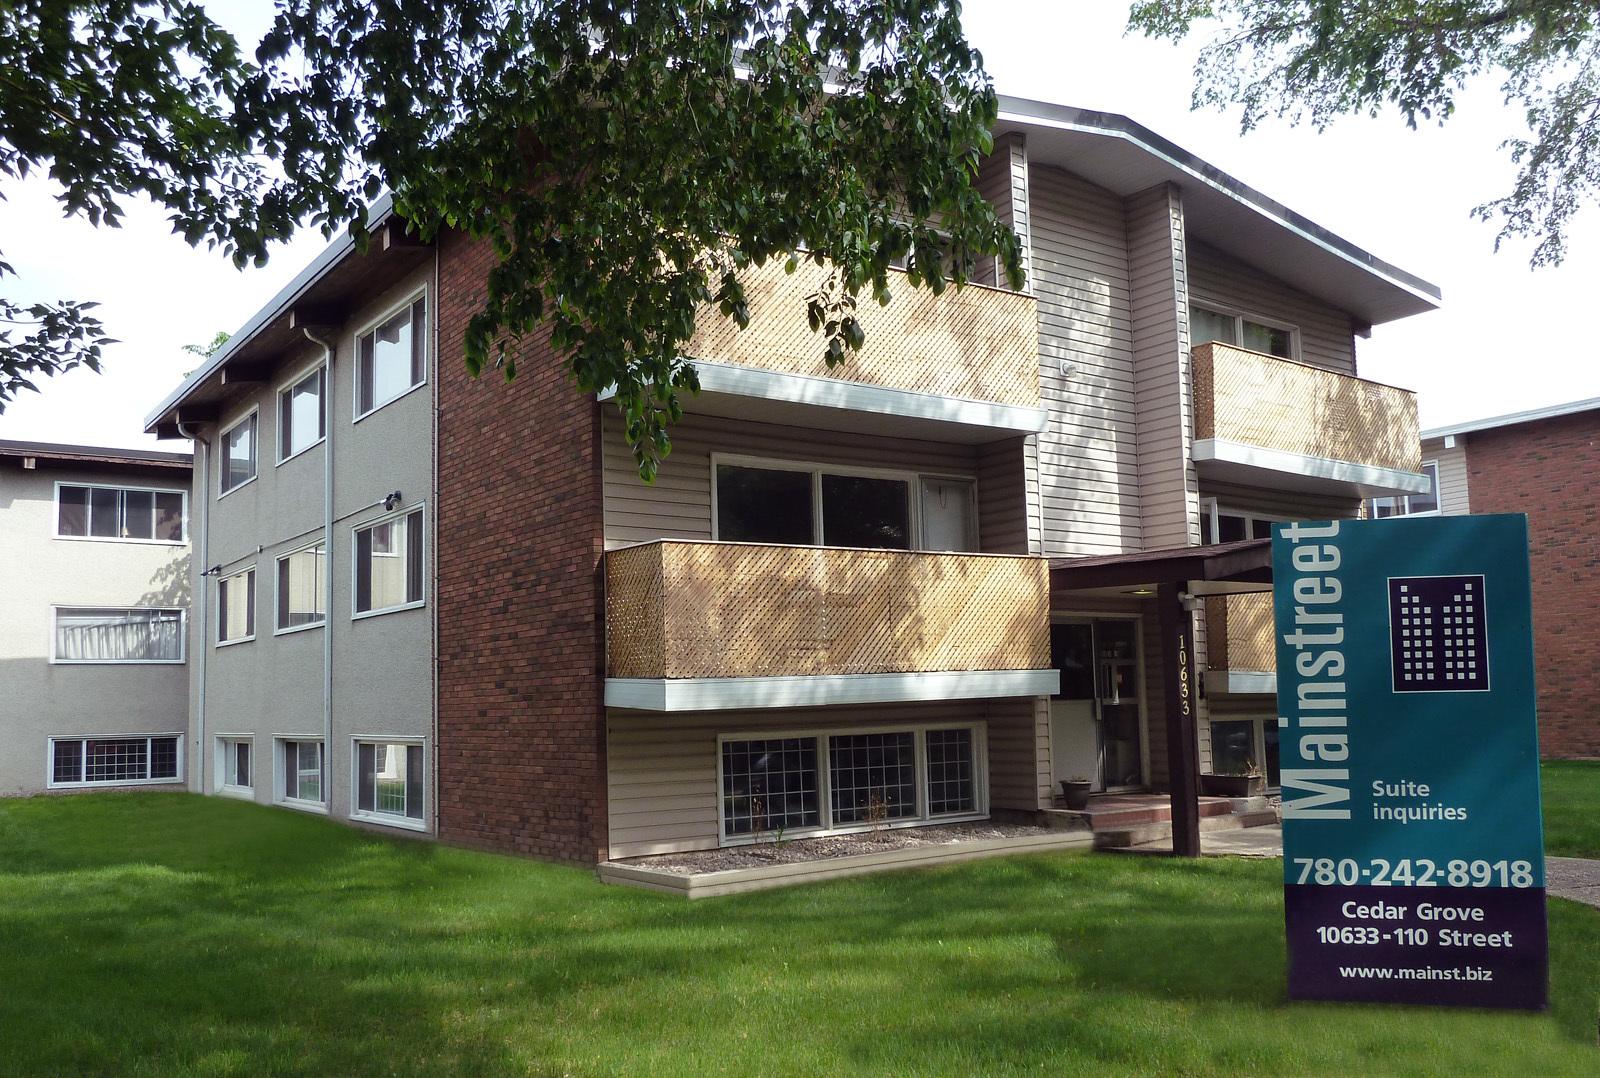 10633 110 Street NW, Edmonton, AB - $799